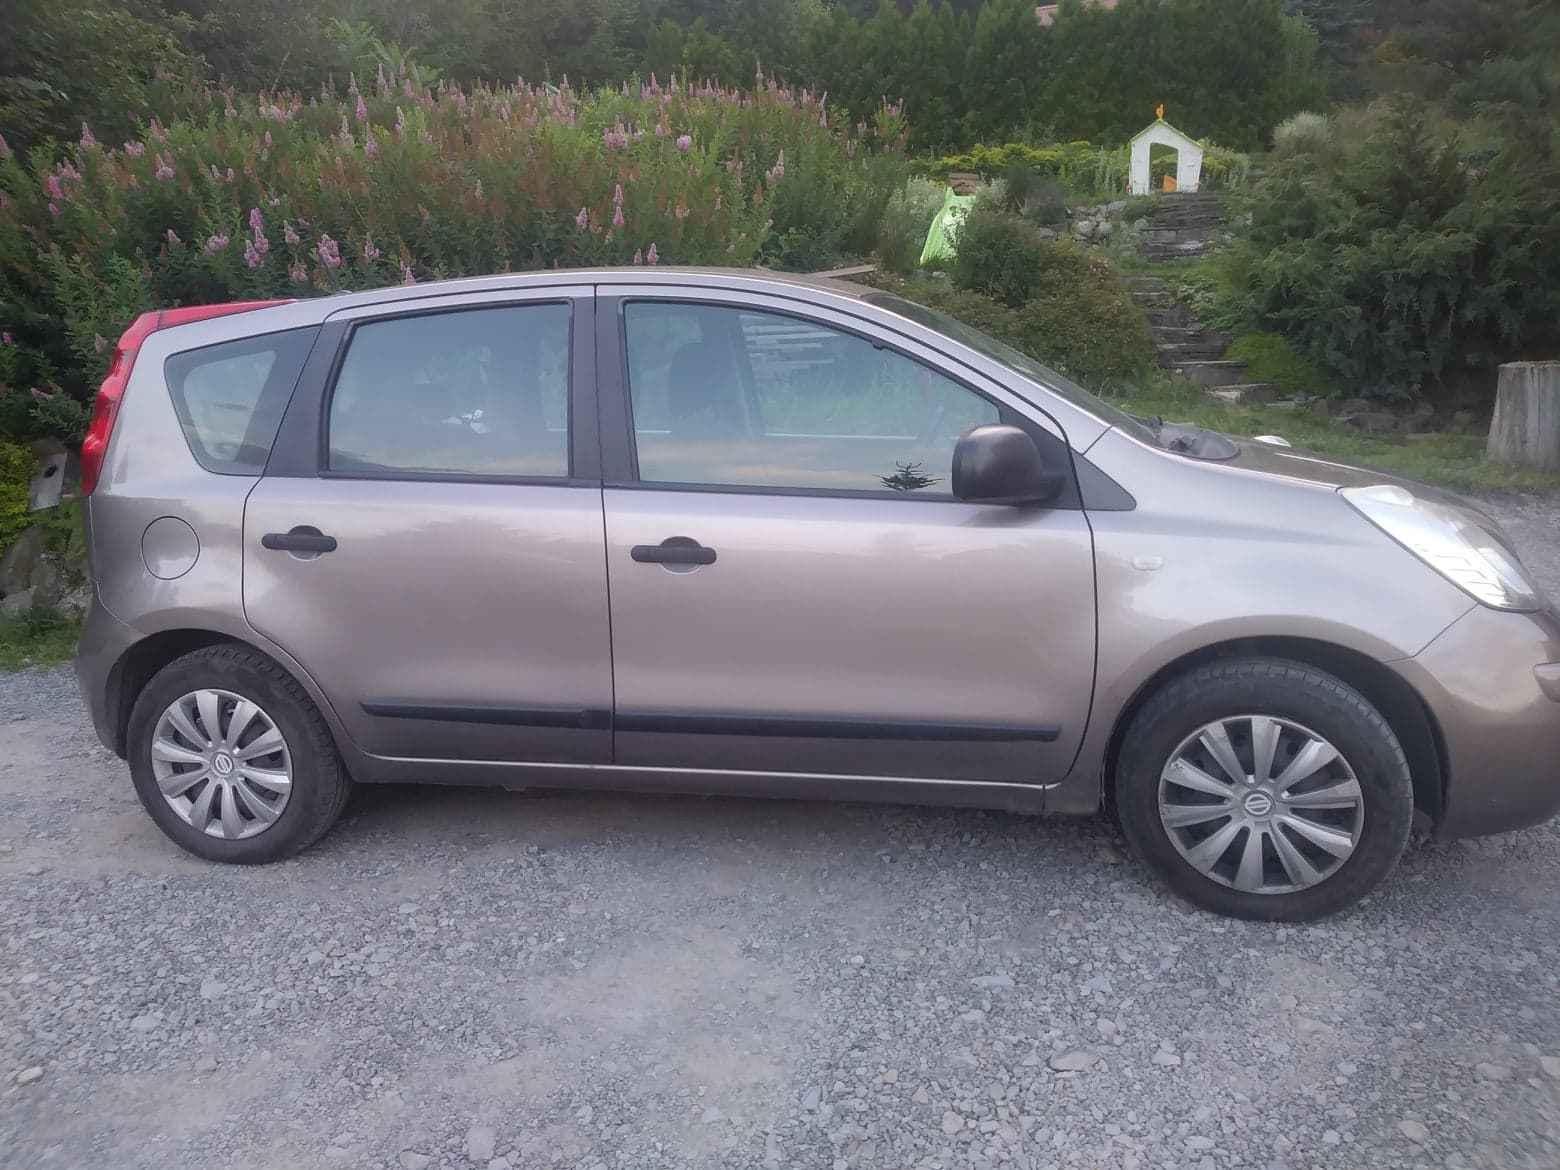 Sprzedam Nissan Note gaz + benzyna Jaworzynka - zdjęcie 1